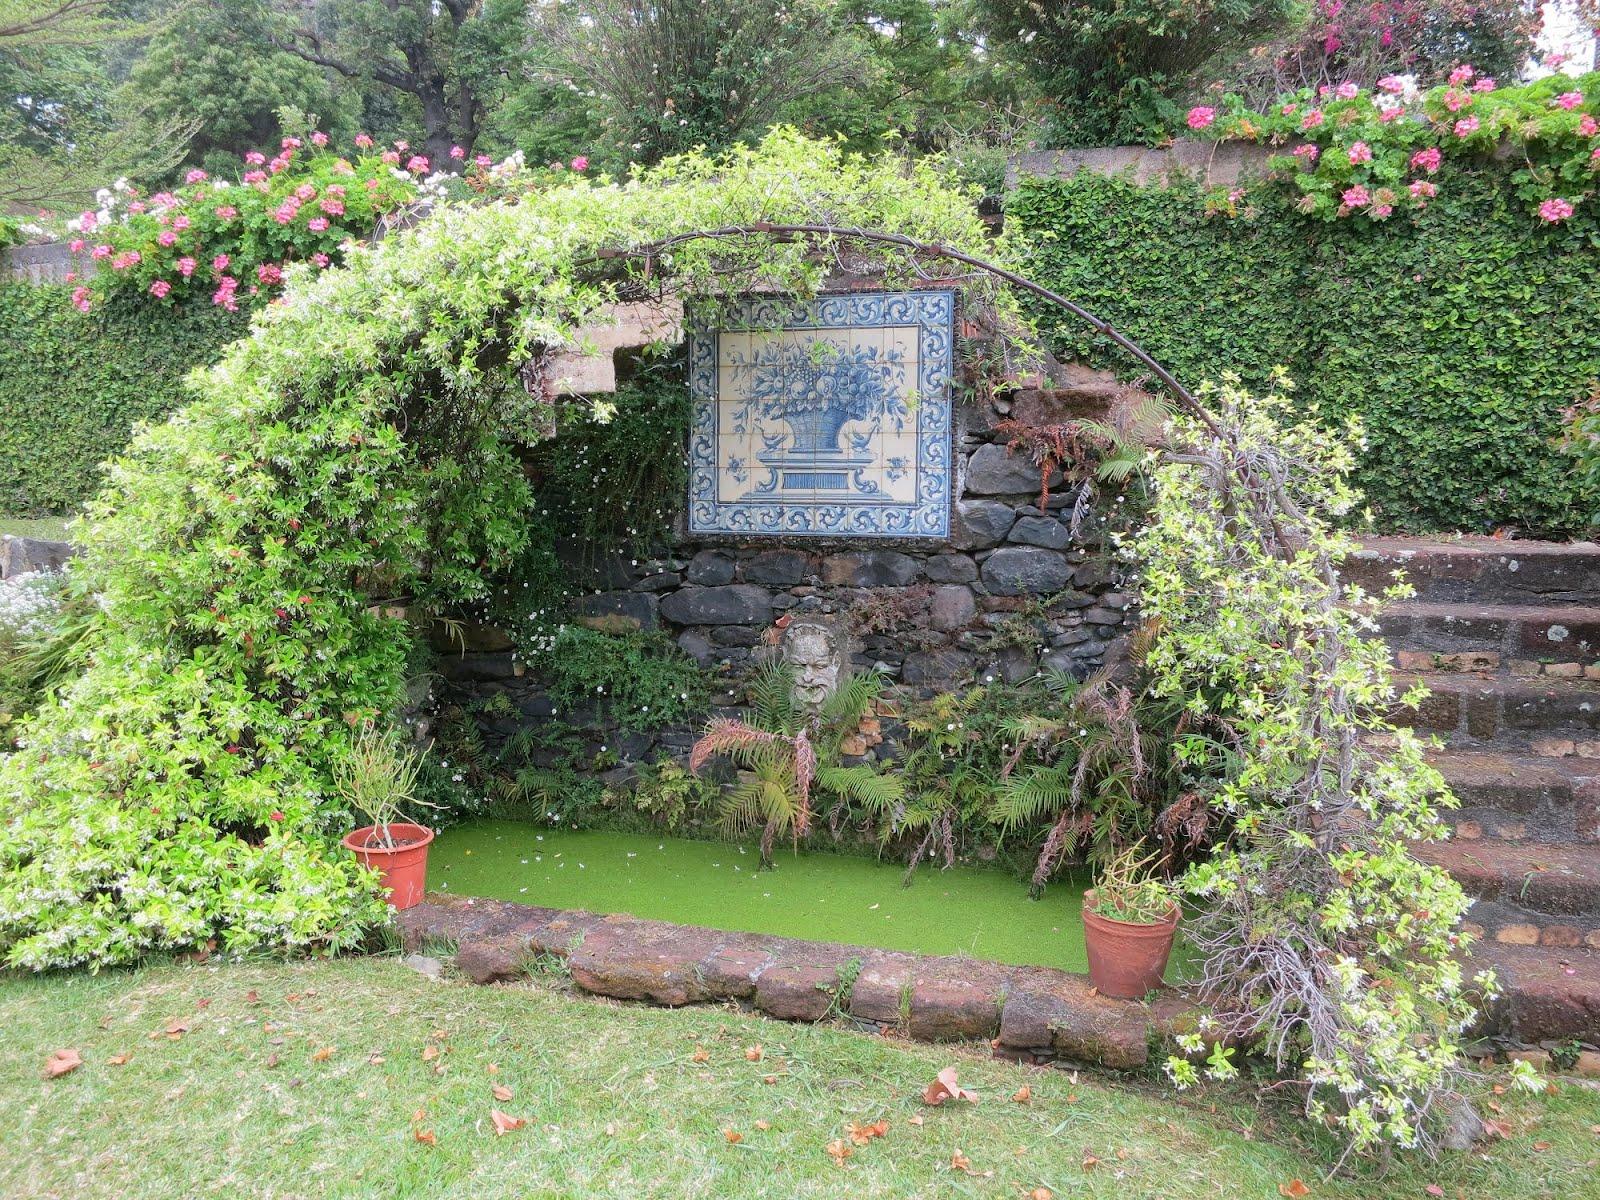 Le blog de parcs et jardins de l 39 oise voyage pjo mad re for Jardin anglais caracteristiques